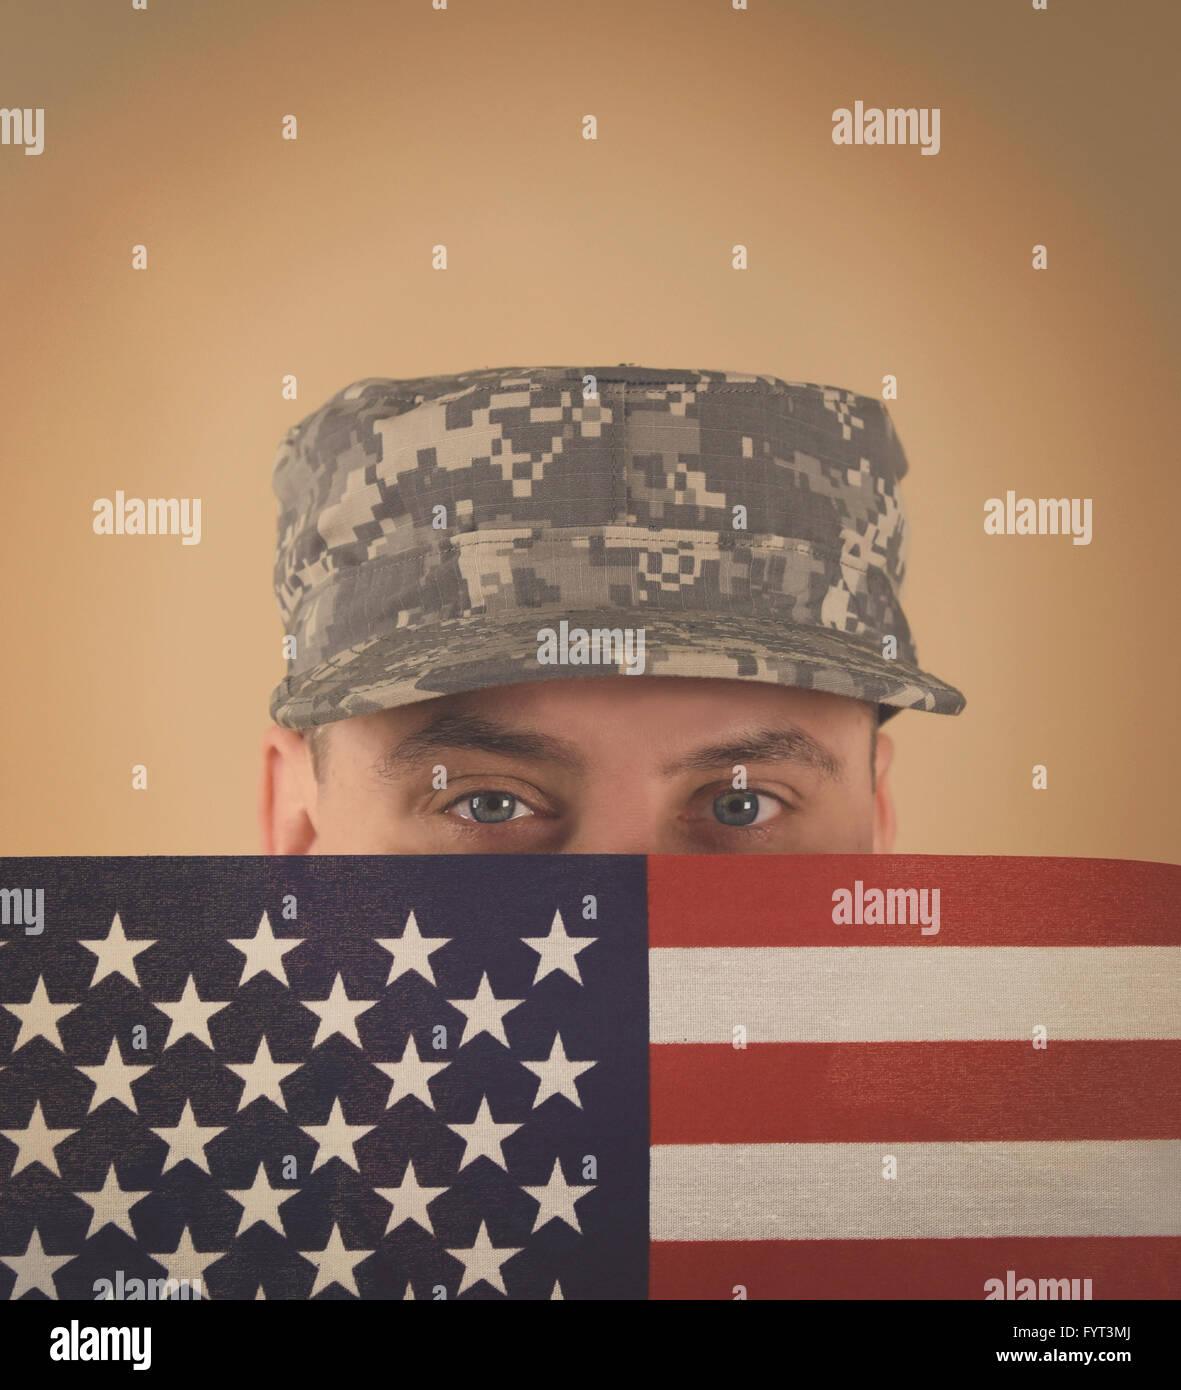 Un soldado del ejército militar está sosteniendo una bandera americana hasta su rostro con un uniforme Imagen De Stock